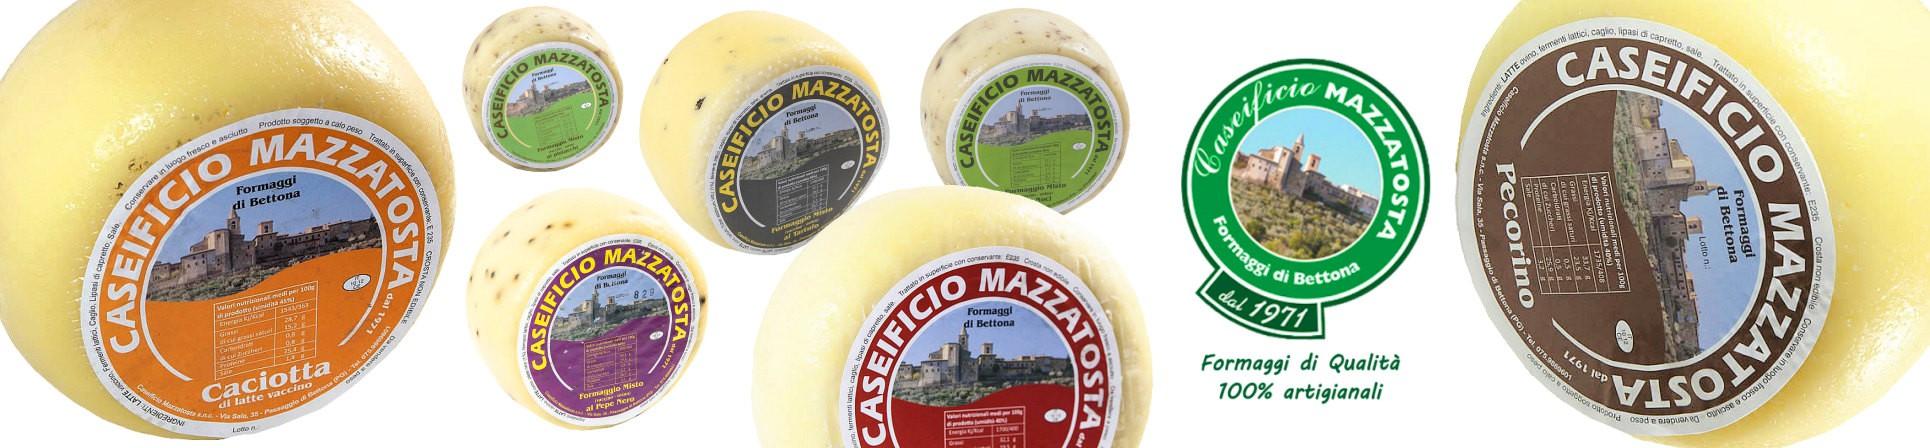 formaggio al tartufo e pecorino vendita online - Formaggi di Bettona Caseificio Mazzatosta